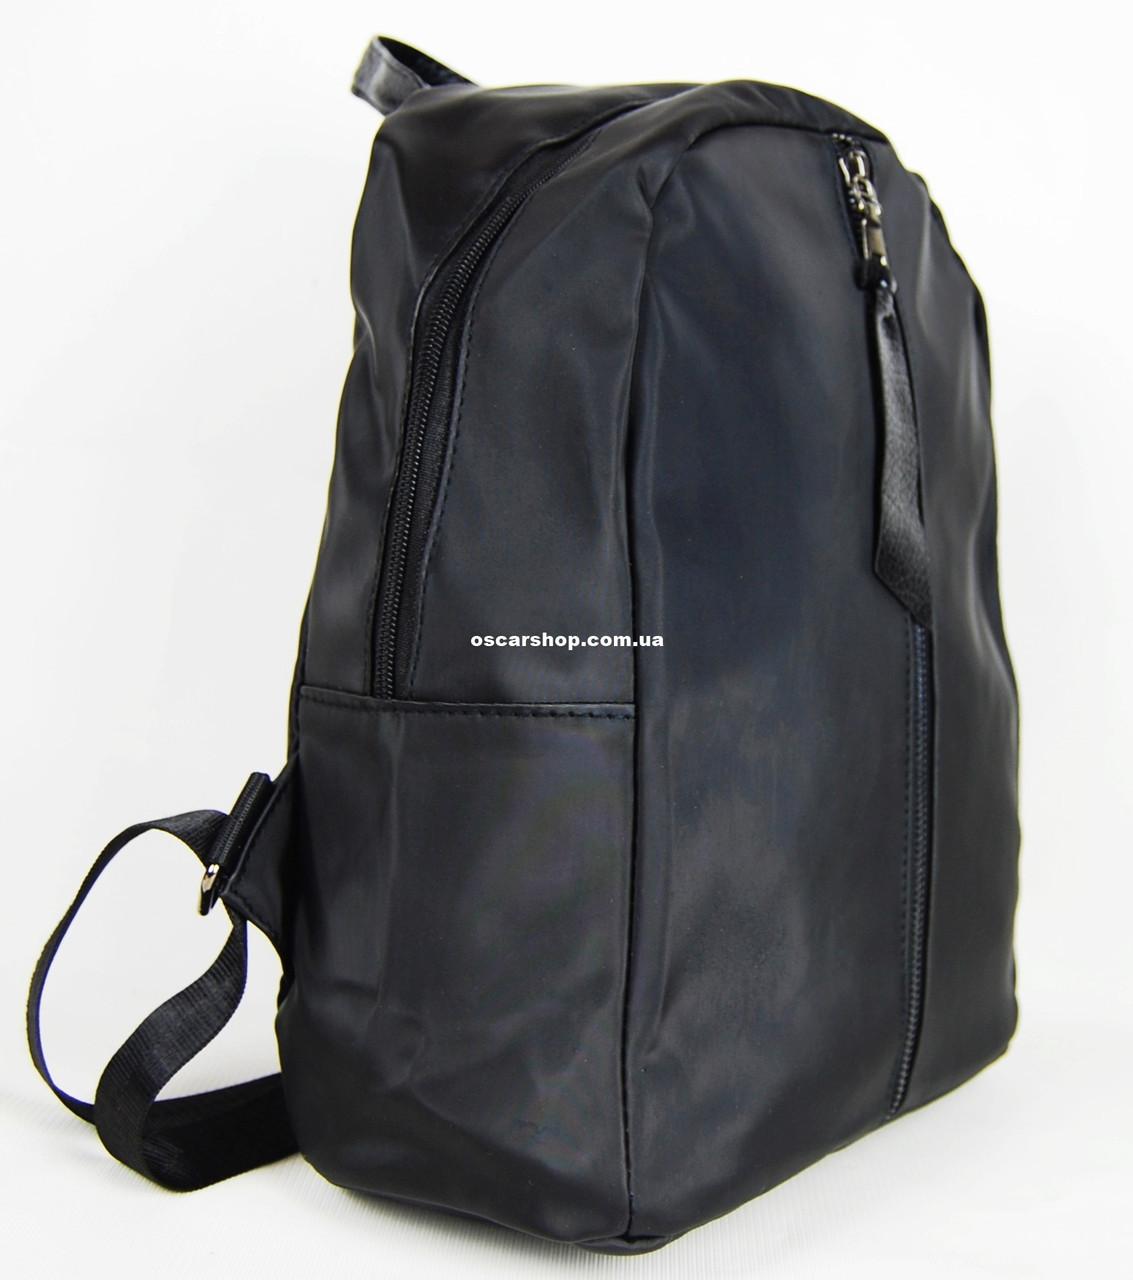 60439b461713 Распродажа! Женский рюкзак из нейлона. Выбор. Женская сумка портфель. Стильный  рюкзак девушкам ...